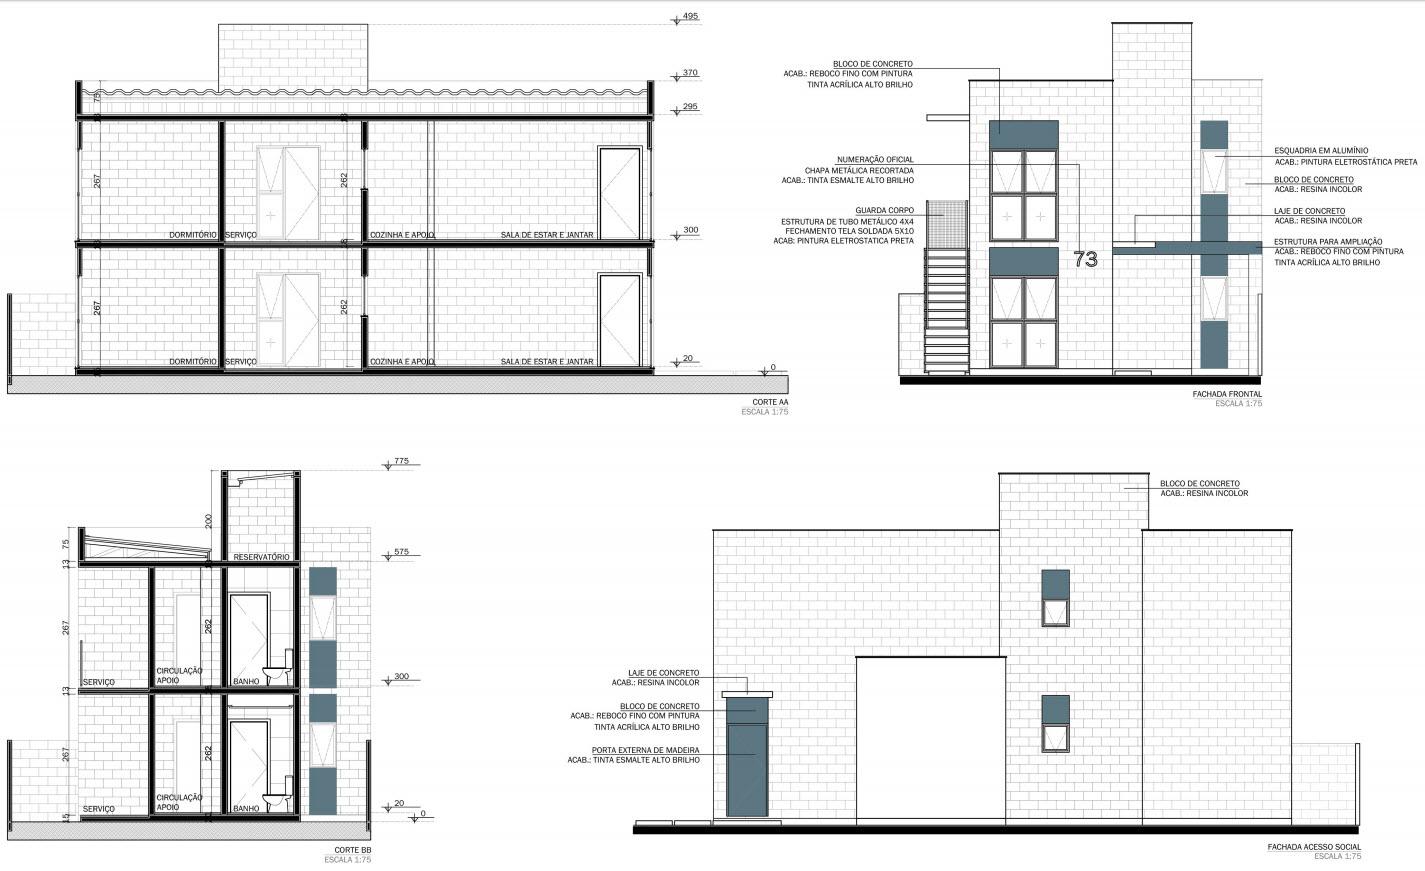 Planos de casa econ mica de uno y dos pisos construye hogar for Planos arquitectonicos vivienda